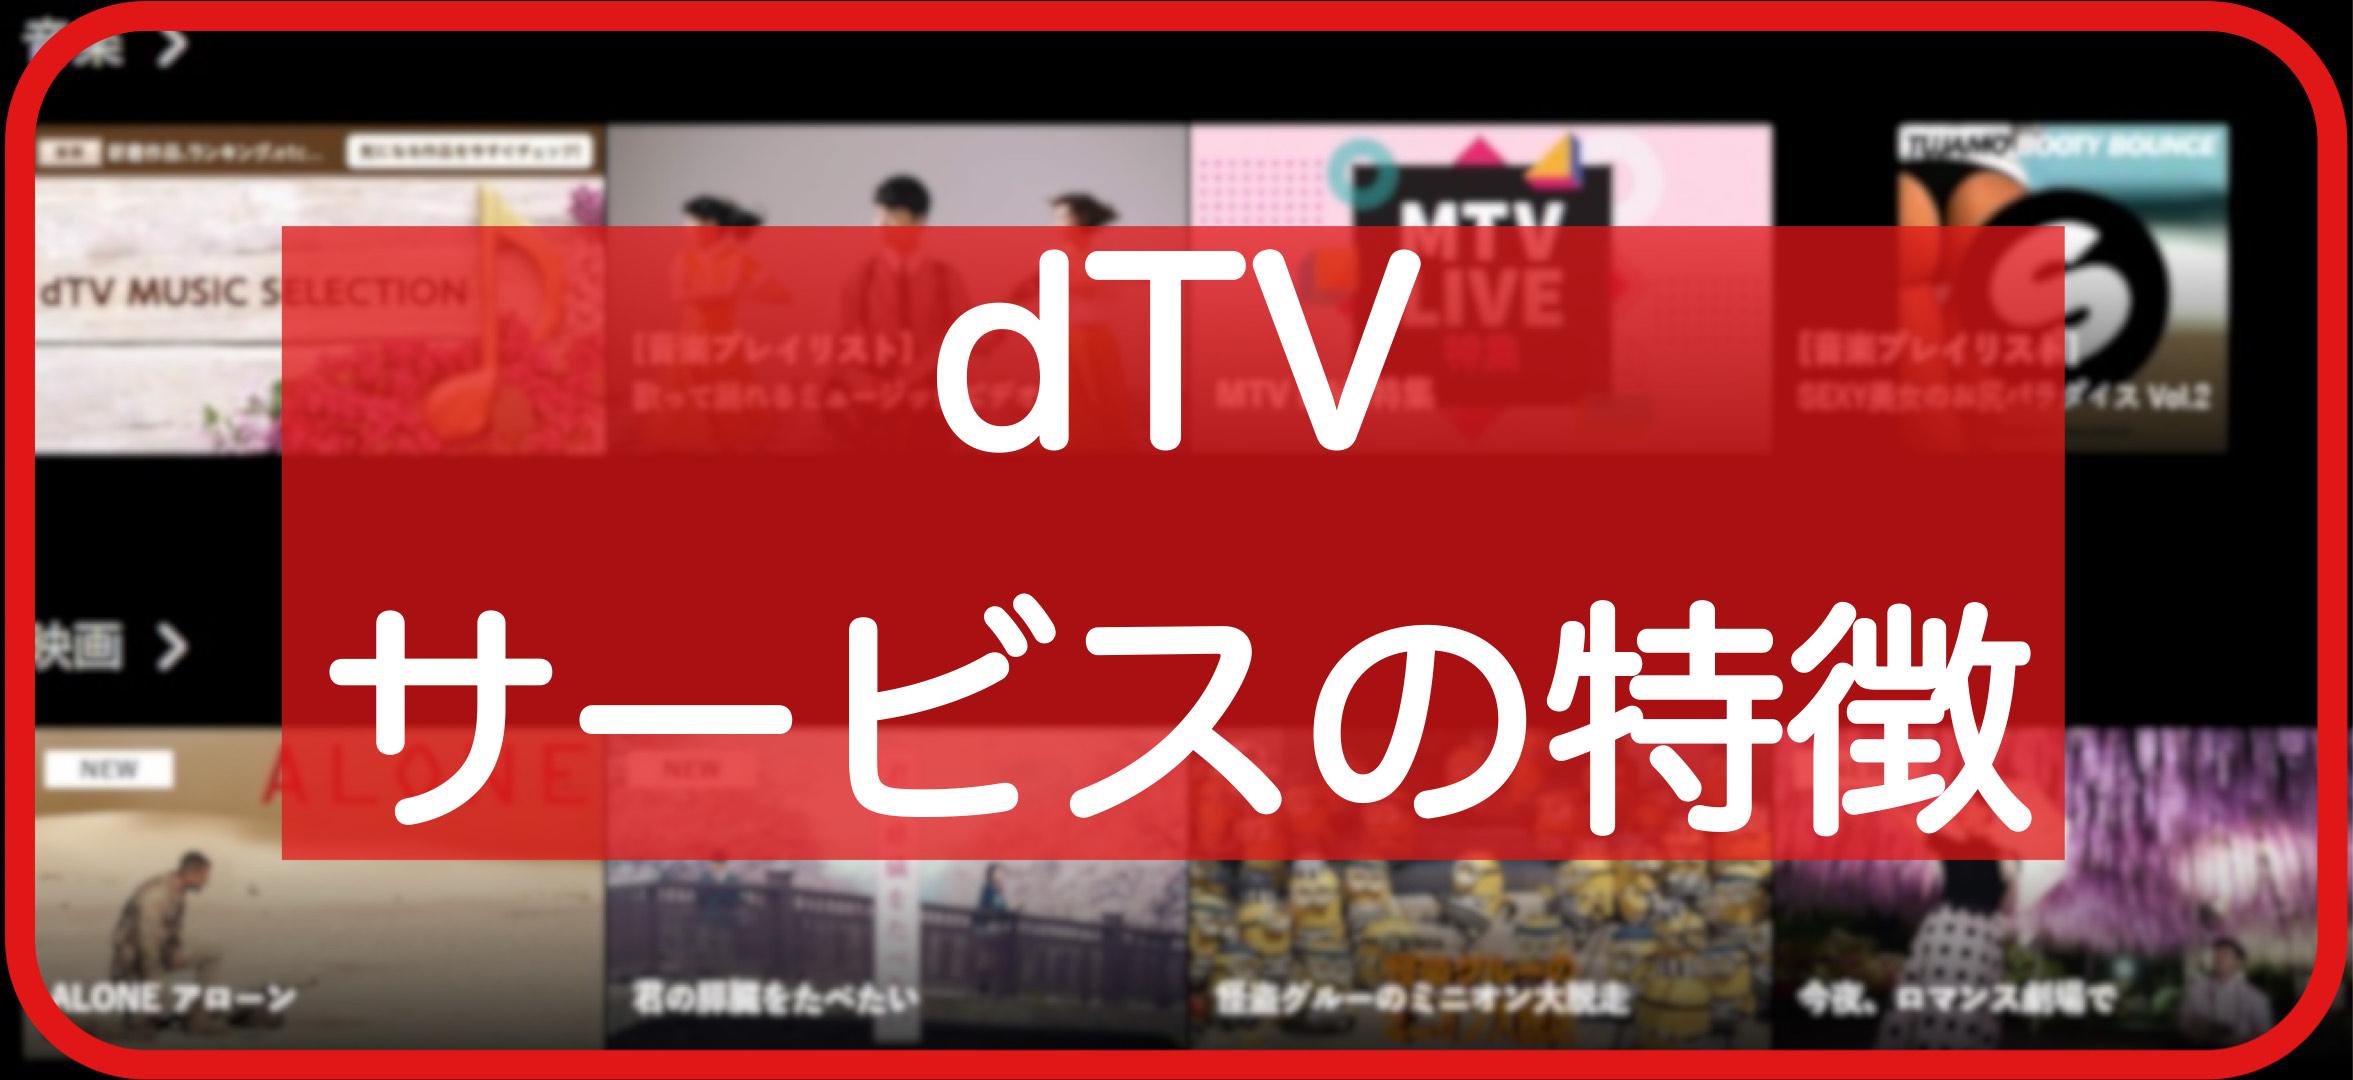 dTV サービスの特徴